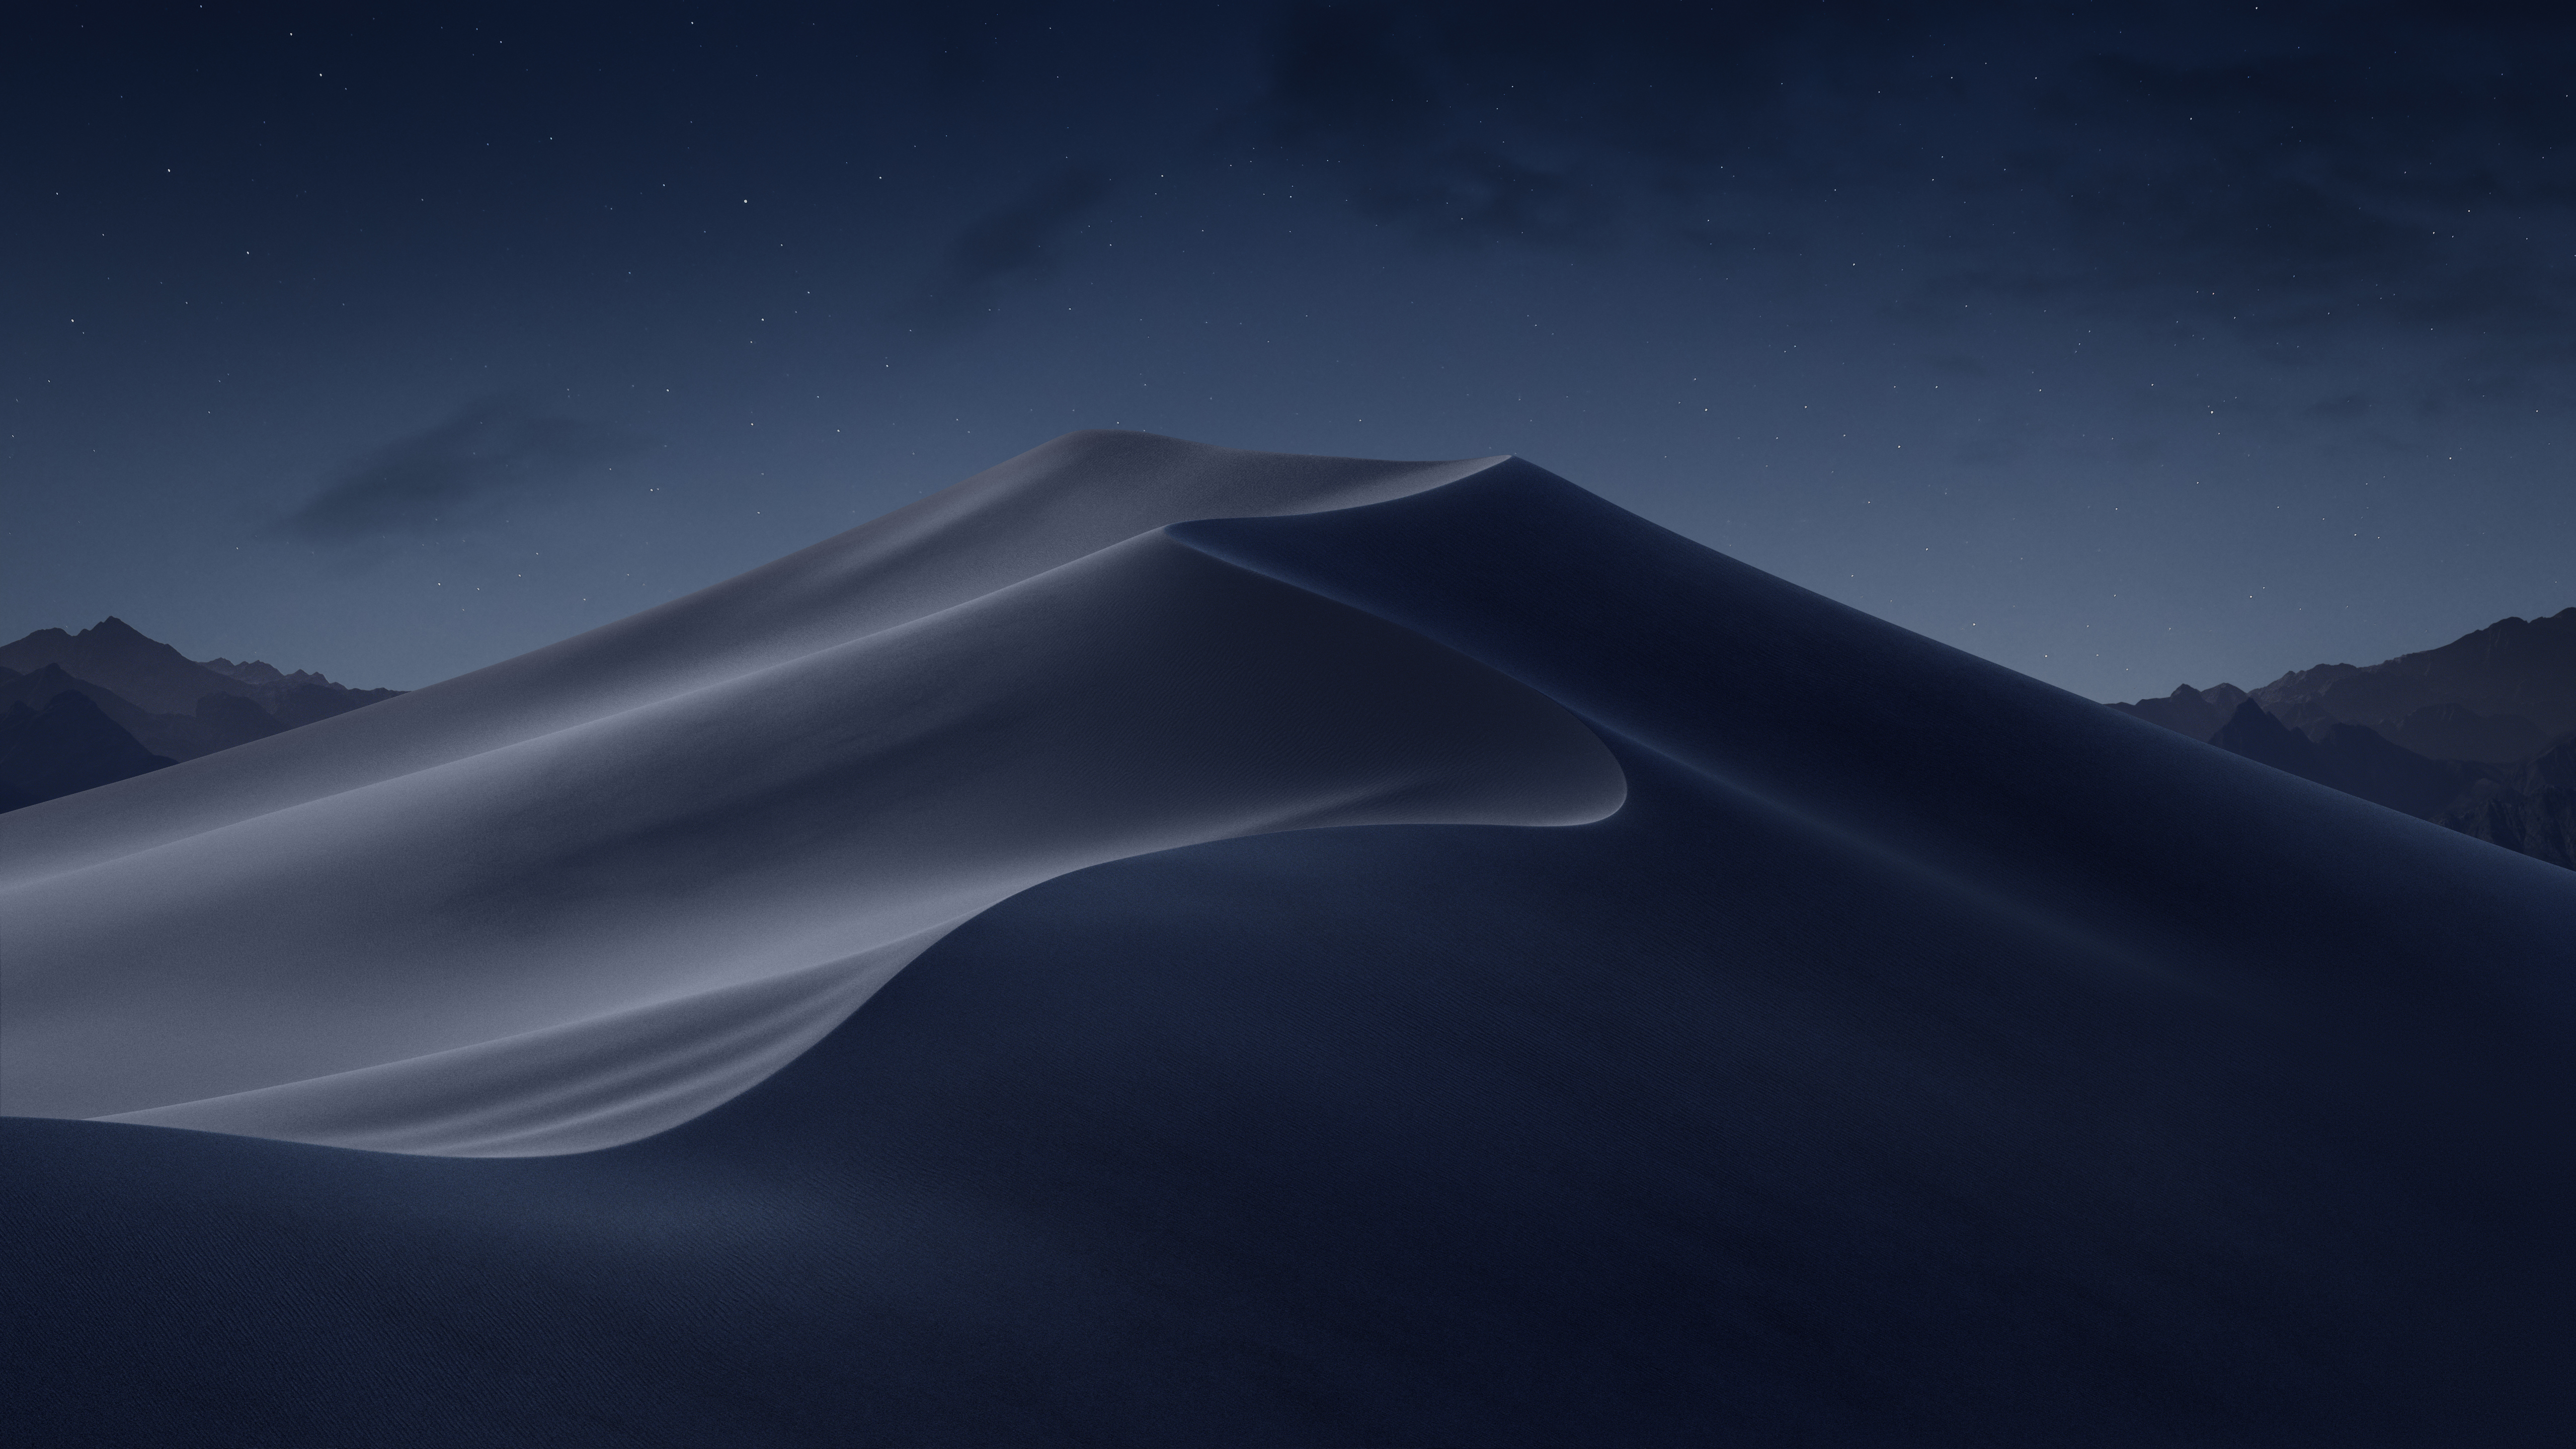 Telechargez Les Nouveaux Fonds D Ecran De Macos Mojave Macgeneration